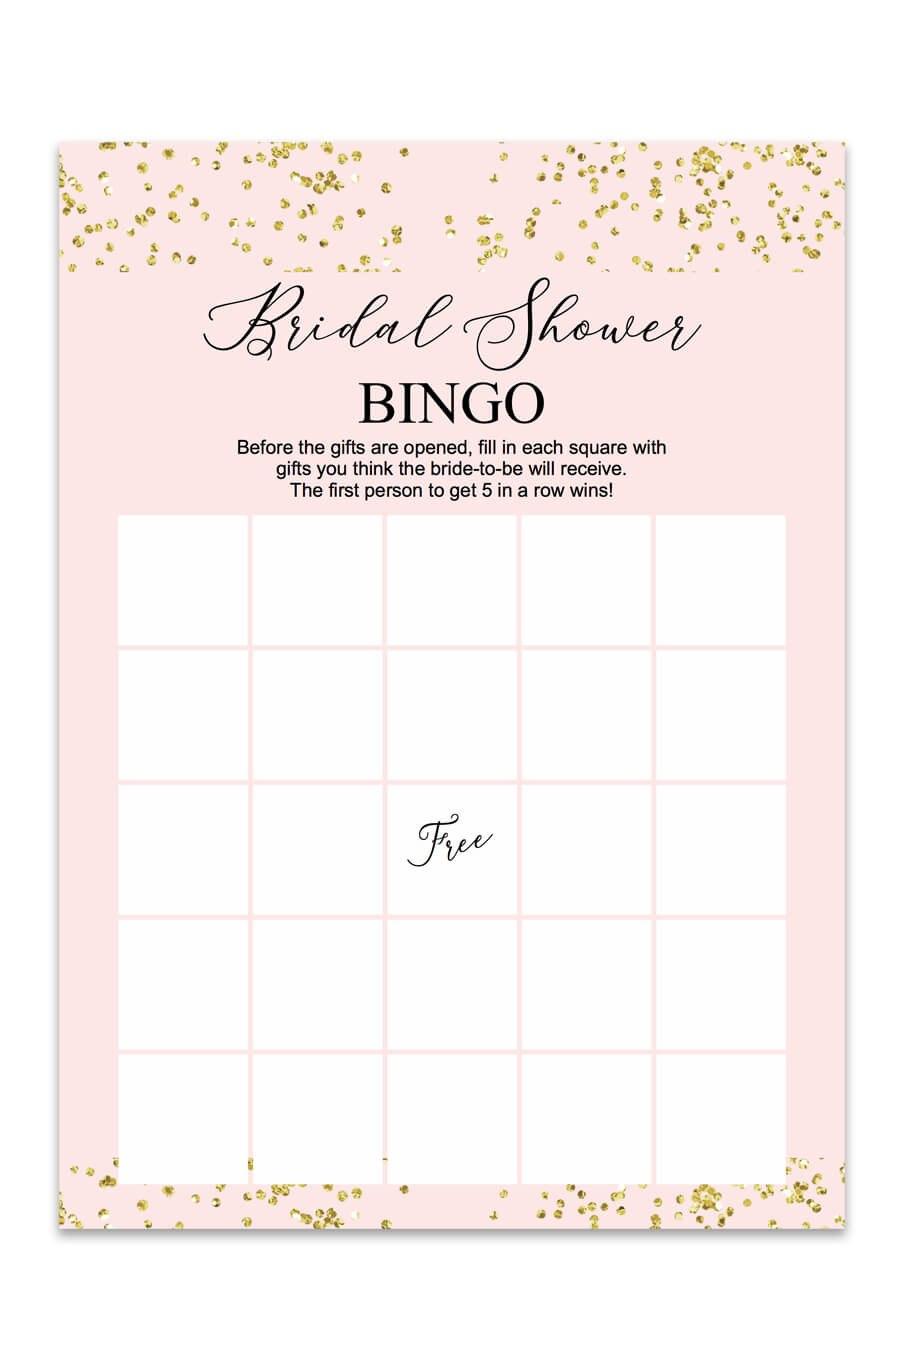 Blush And Confetti Bridal Shower Bingo  Chicfetti Throughout Blank Bridal Shower Bingo Template